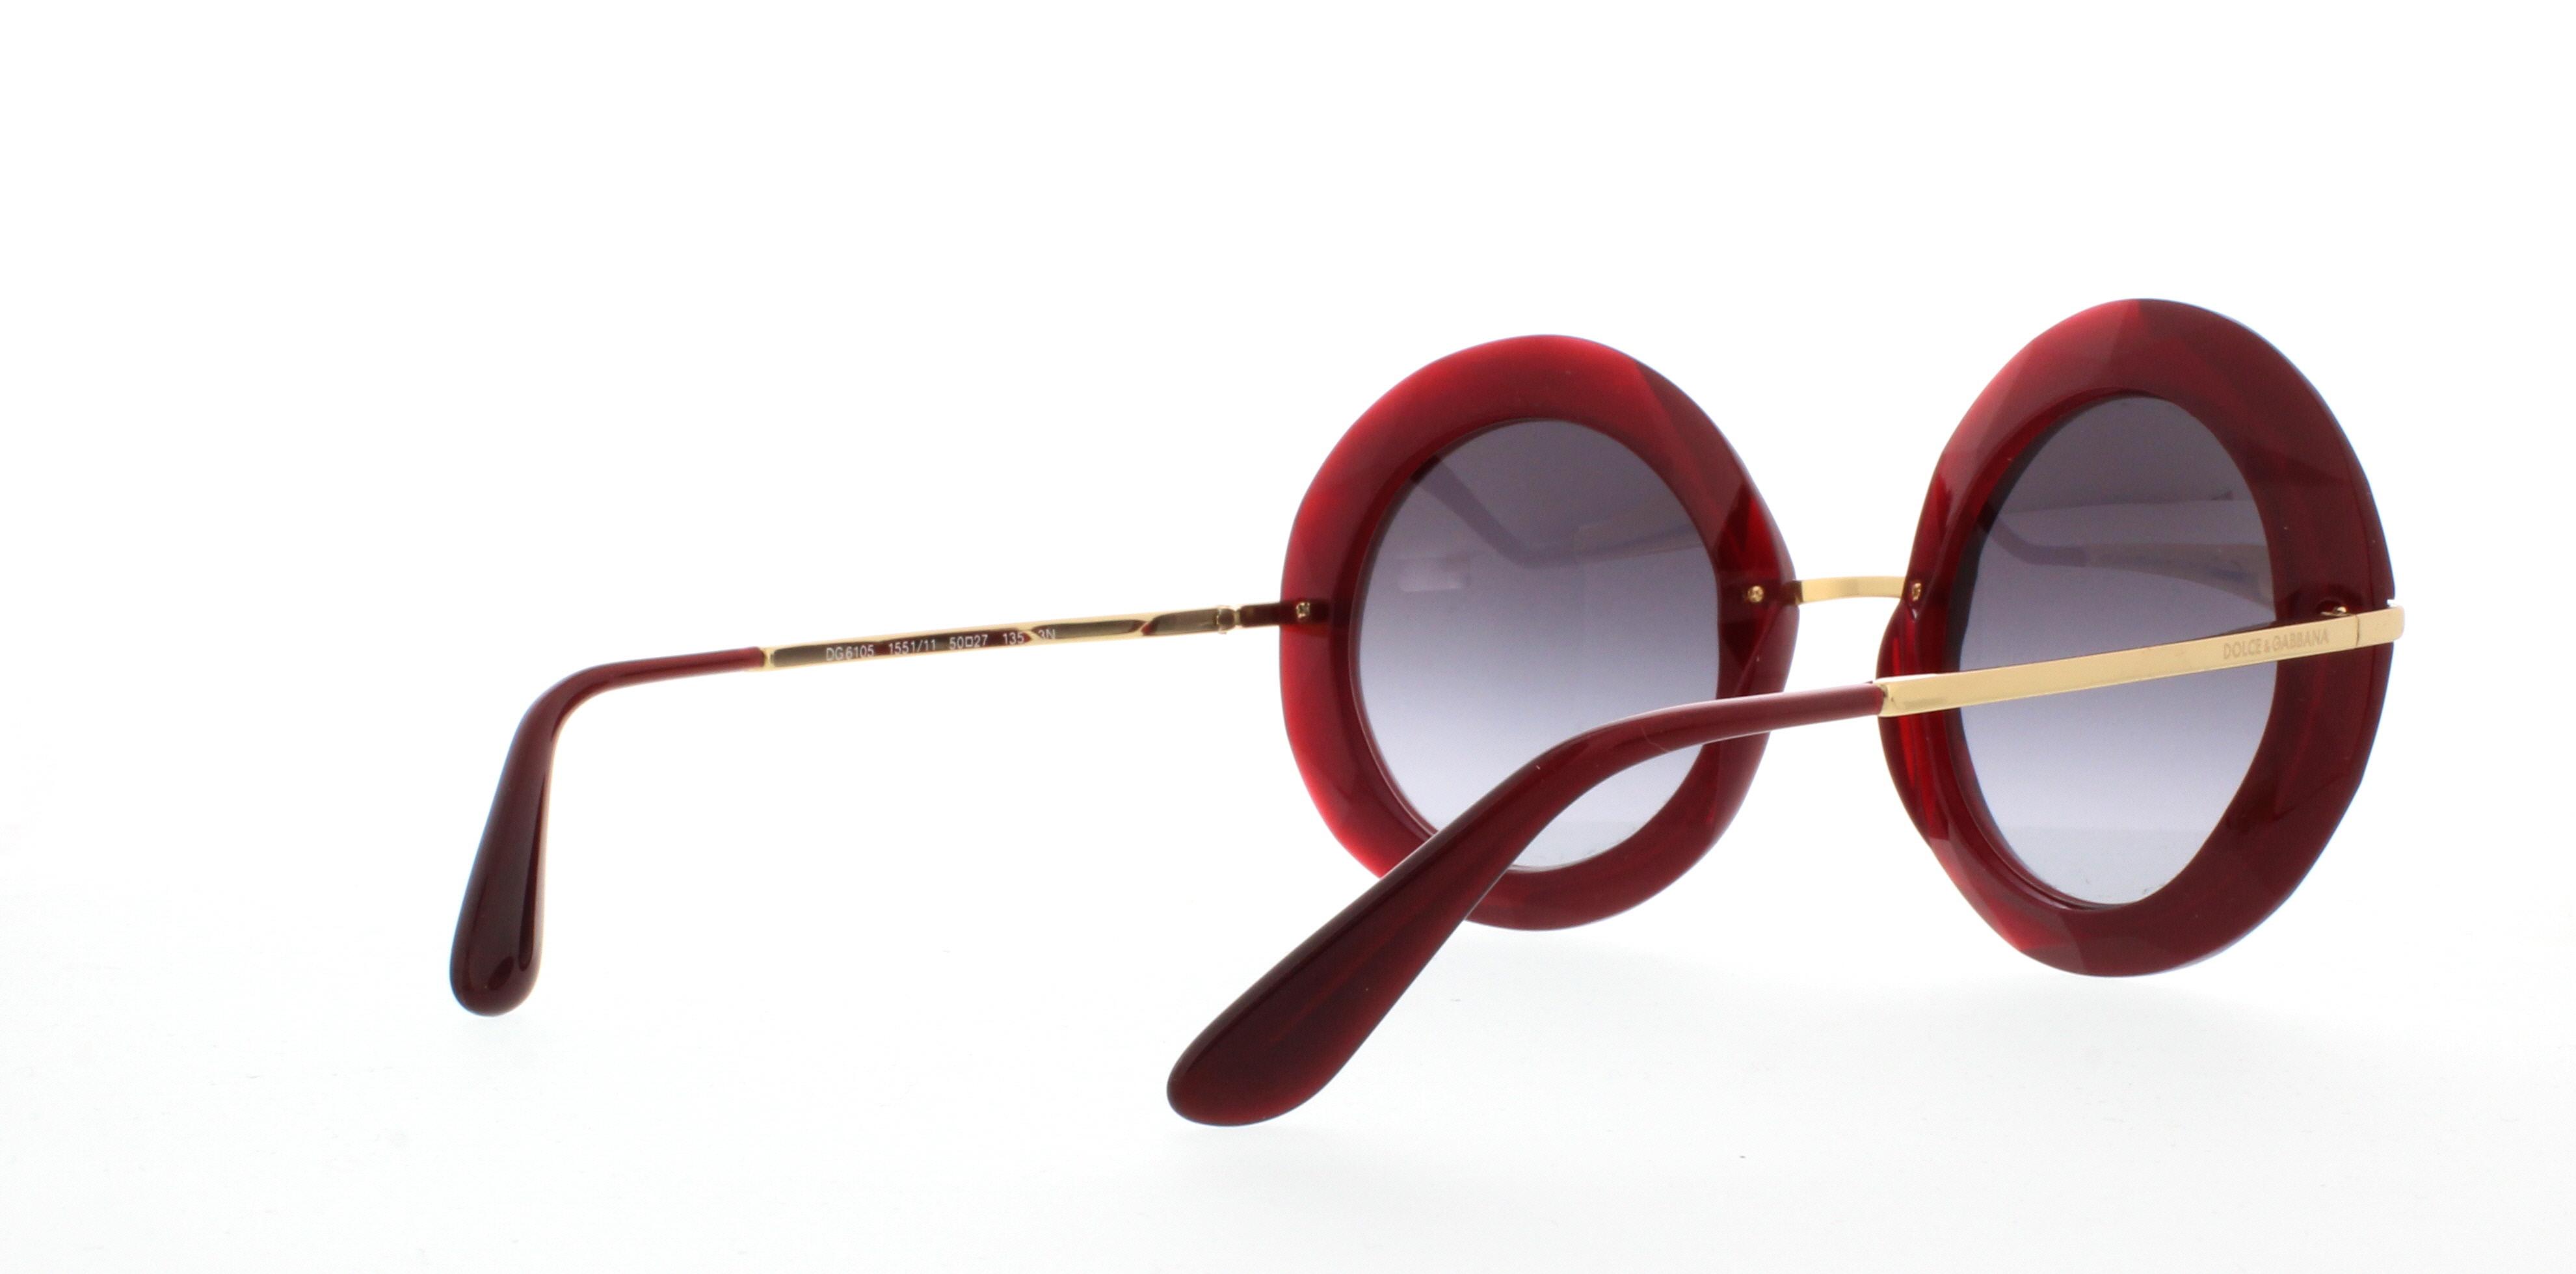 Dolce & Gabbana DG6105 155111 50 mm/27 mm A0r00iScIJ